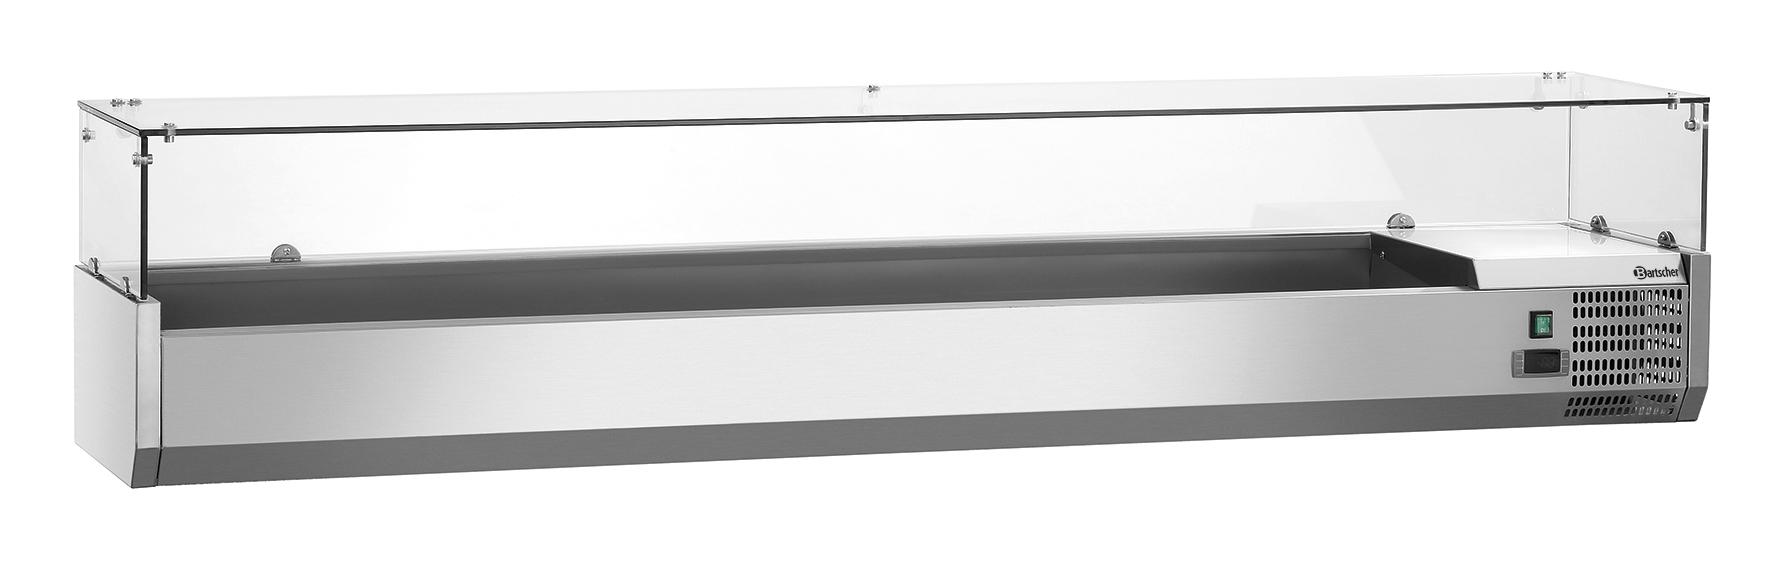 Bartscher Koelopzetvitrine GL 9x 1/3GN - 202,5 cm - RVS